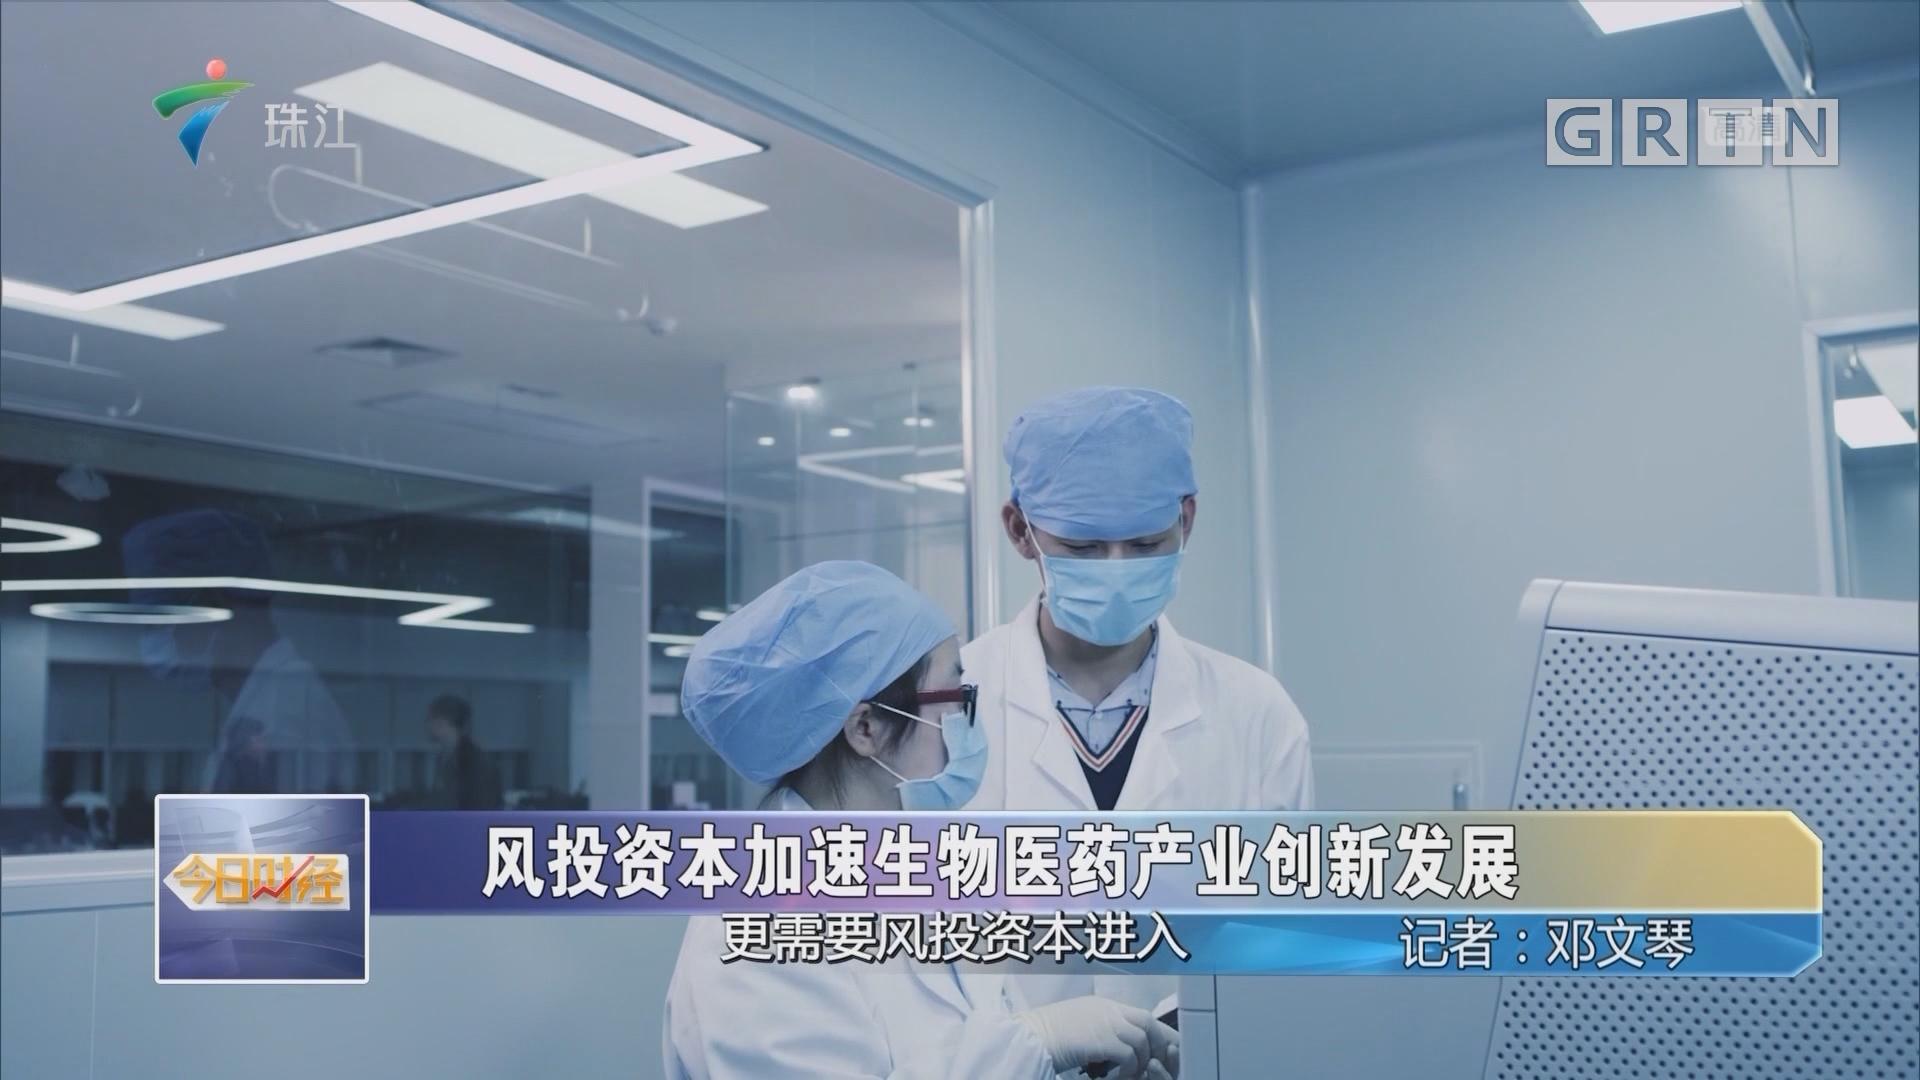 风投资本加速生物医药产业创新发展